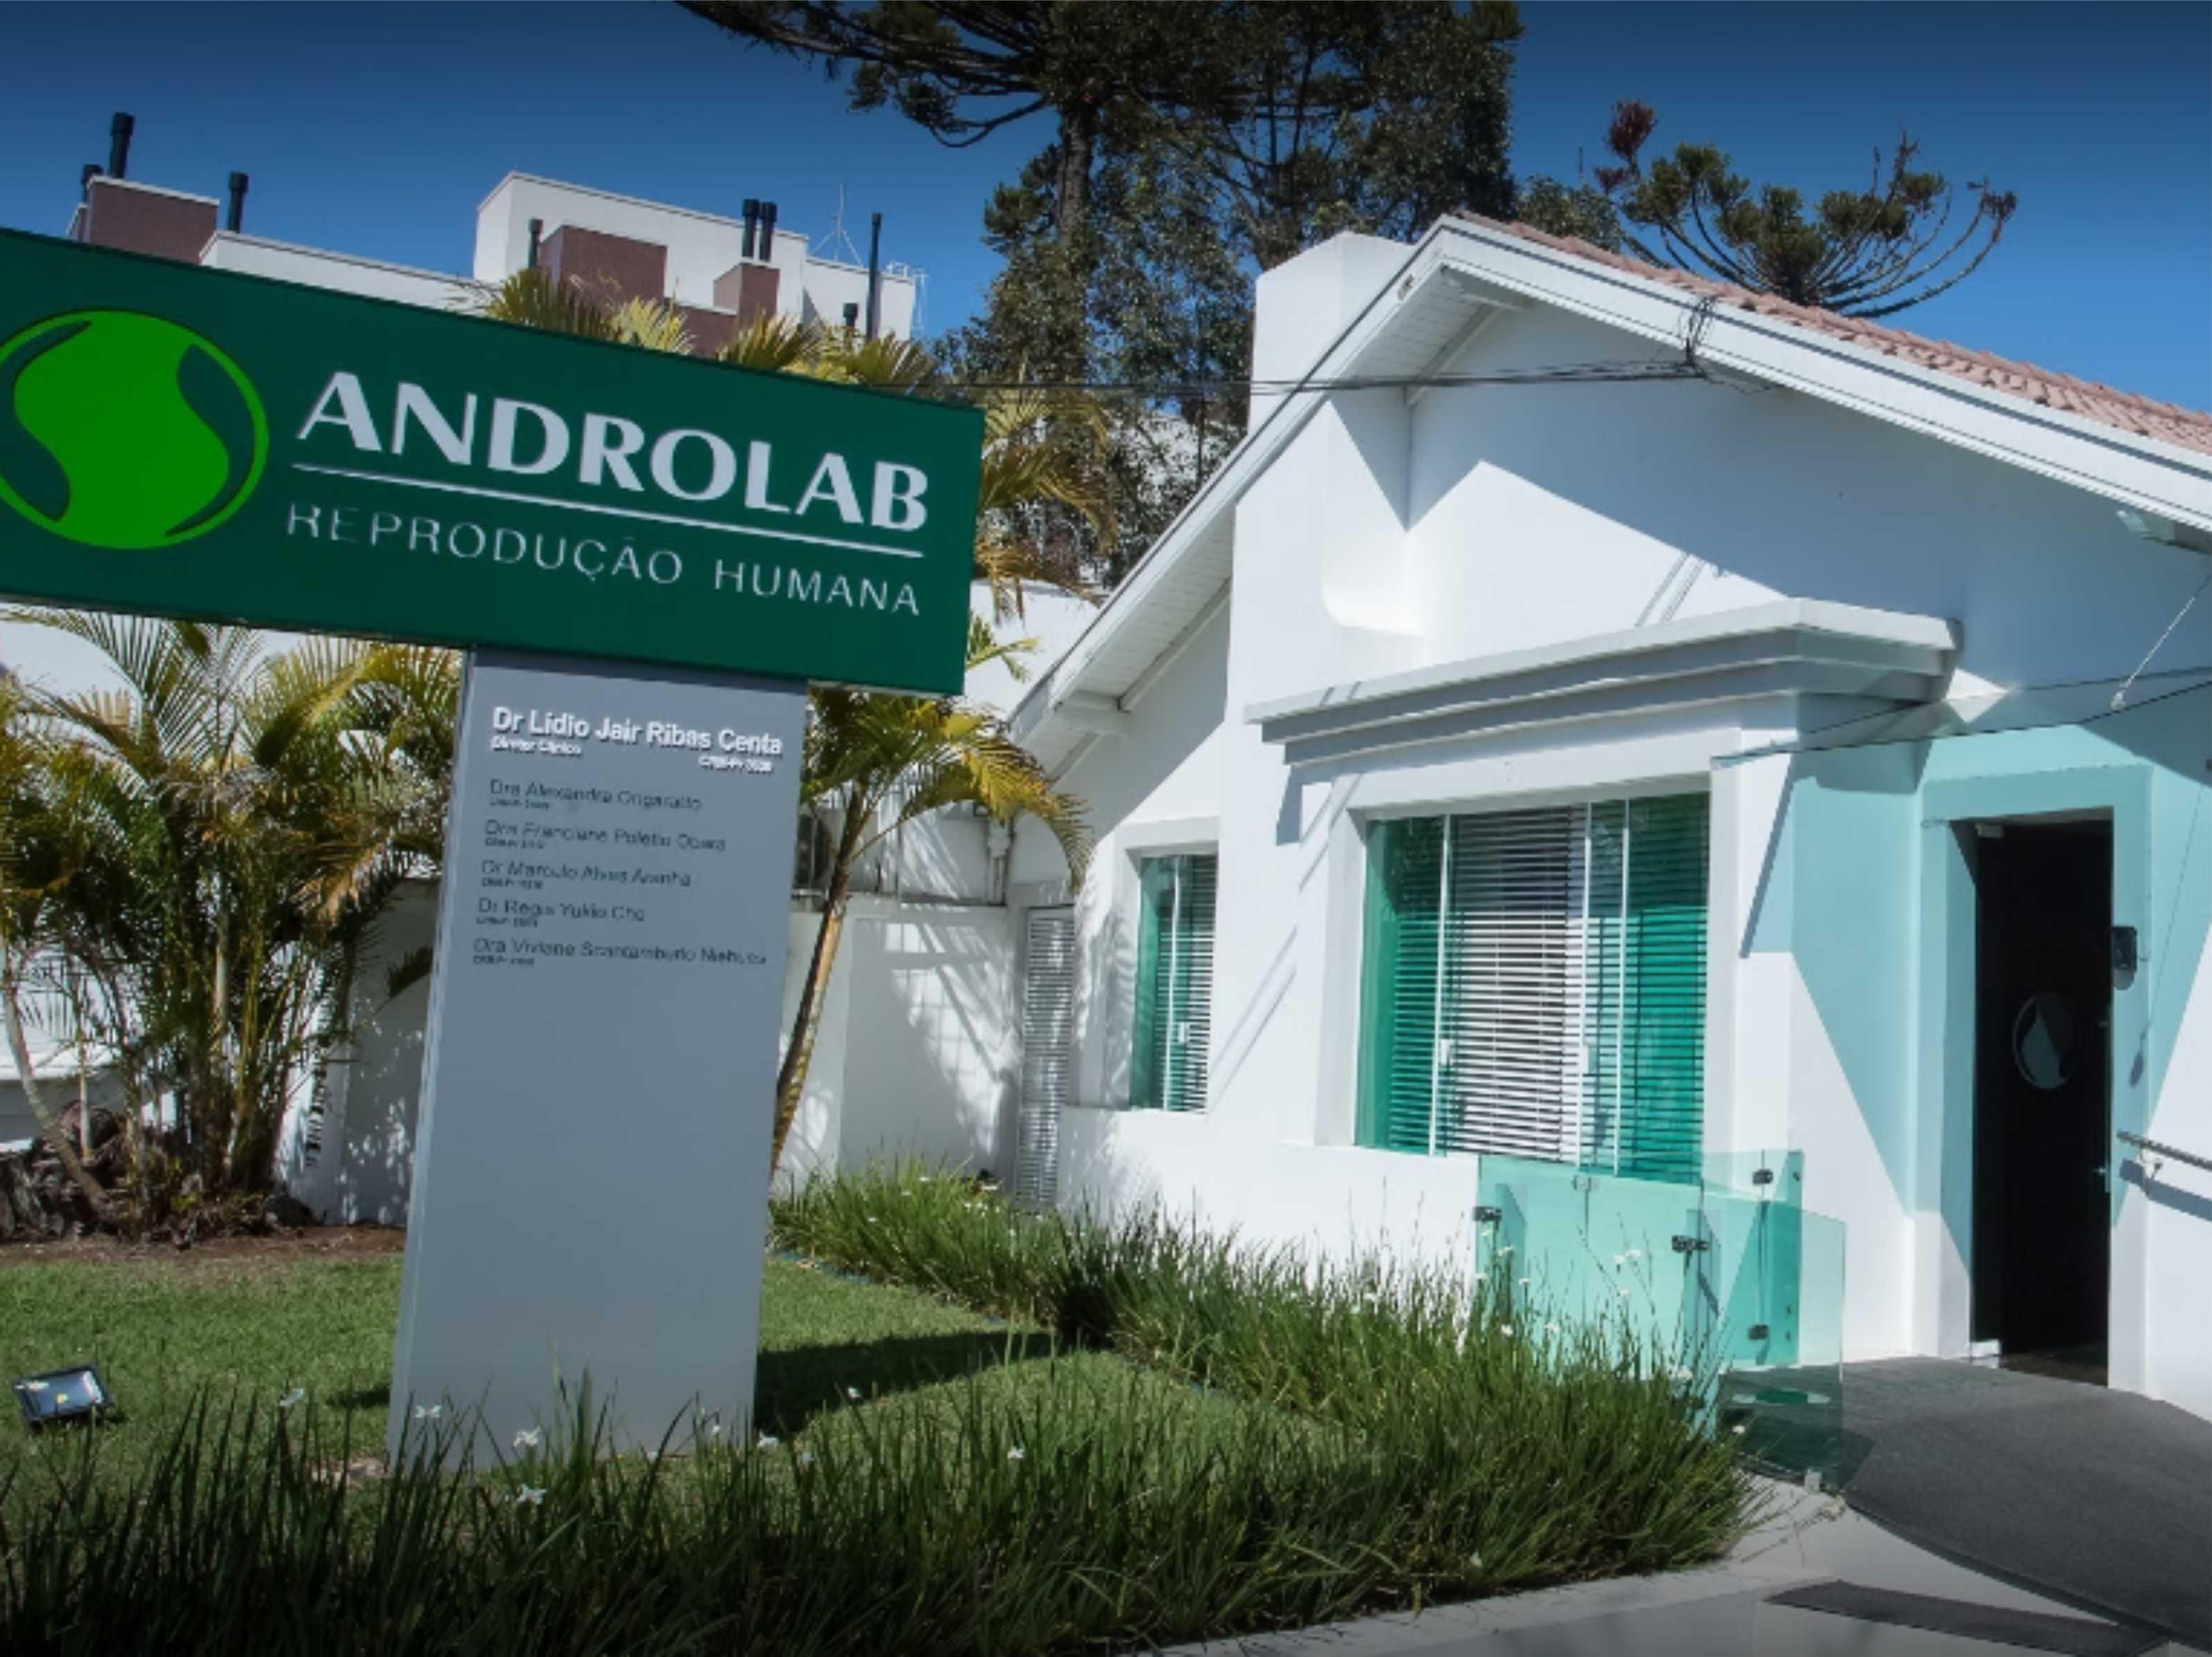 Androlab Clínica e Laboratório de Andrologia